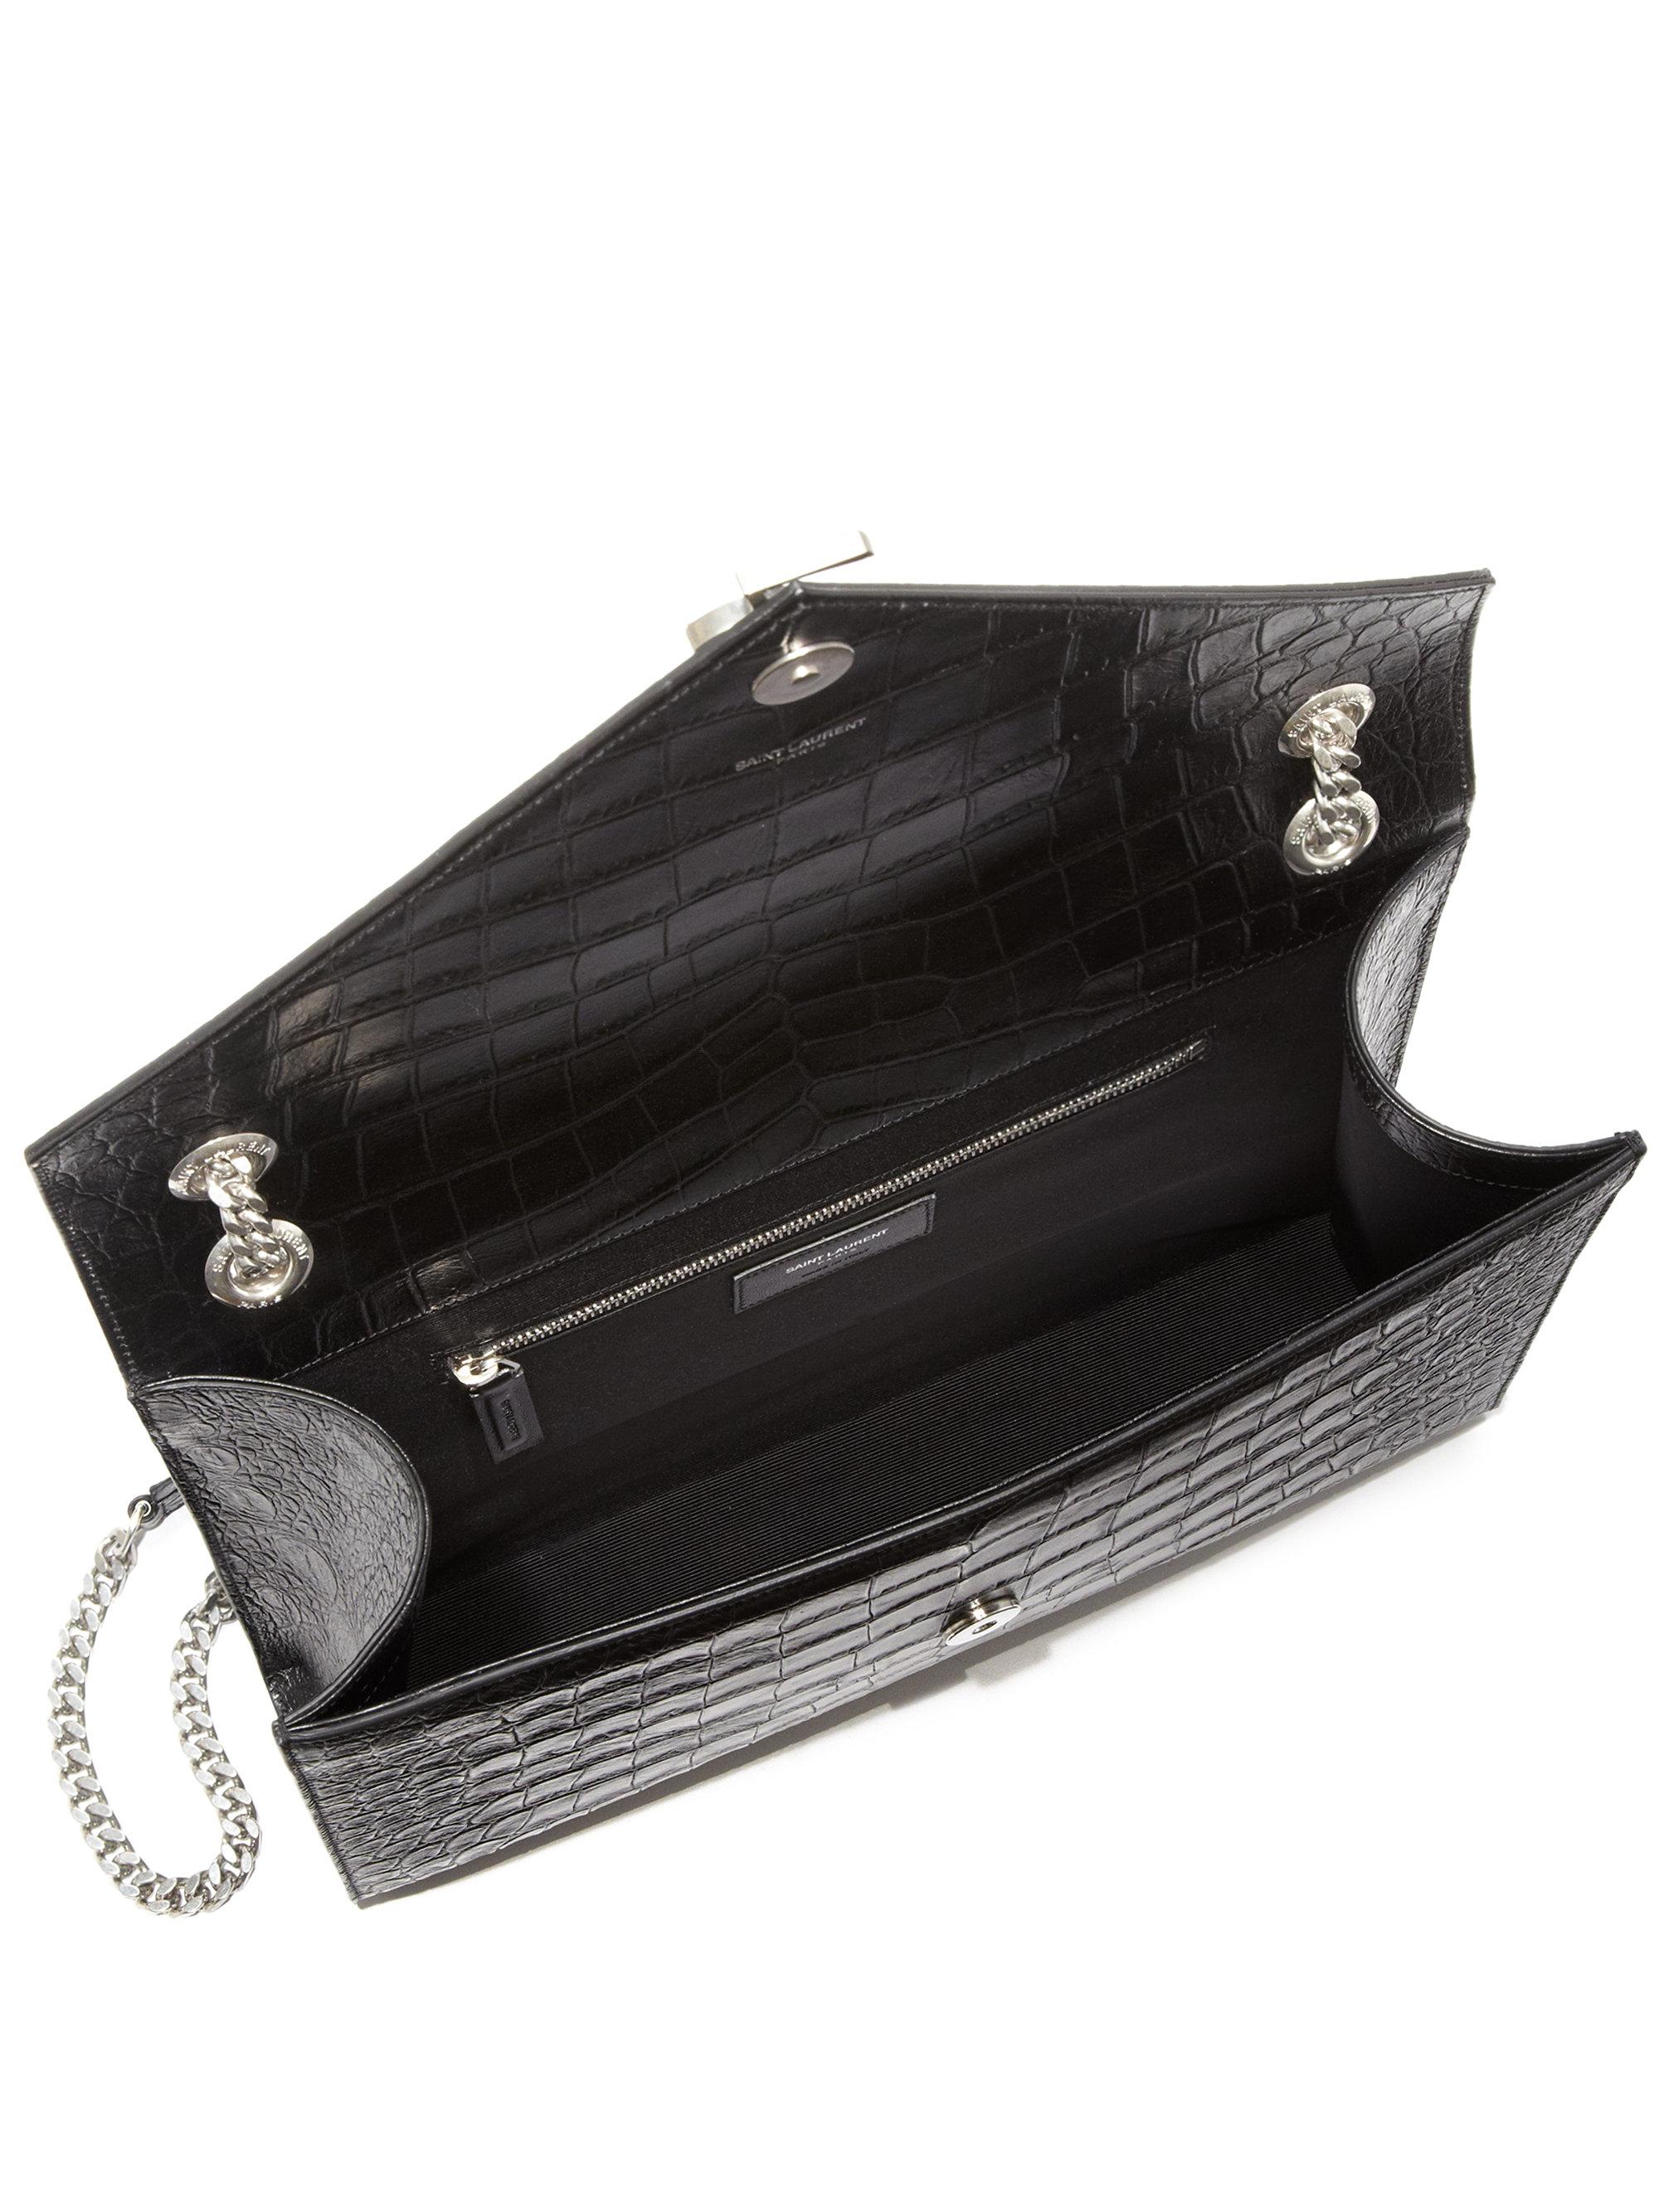 saint laurent kate monogram leather clutch bag